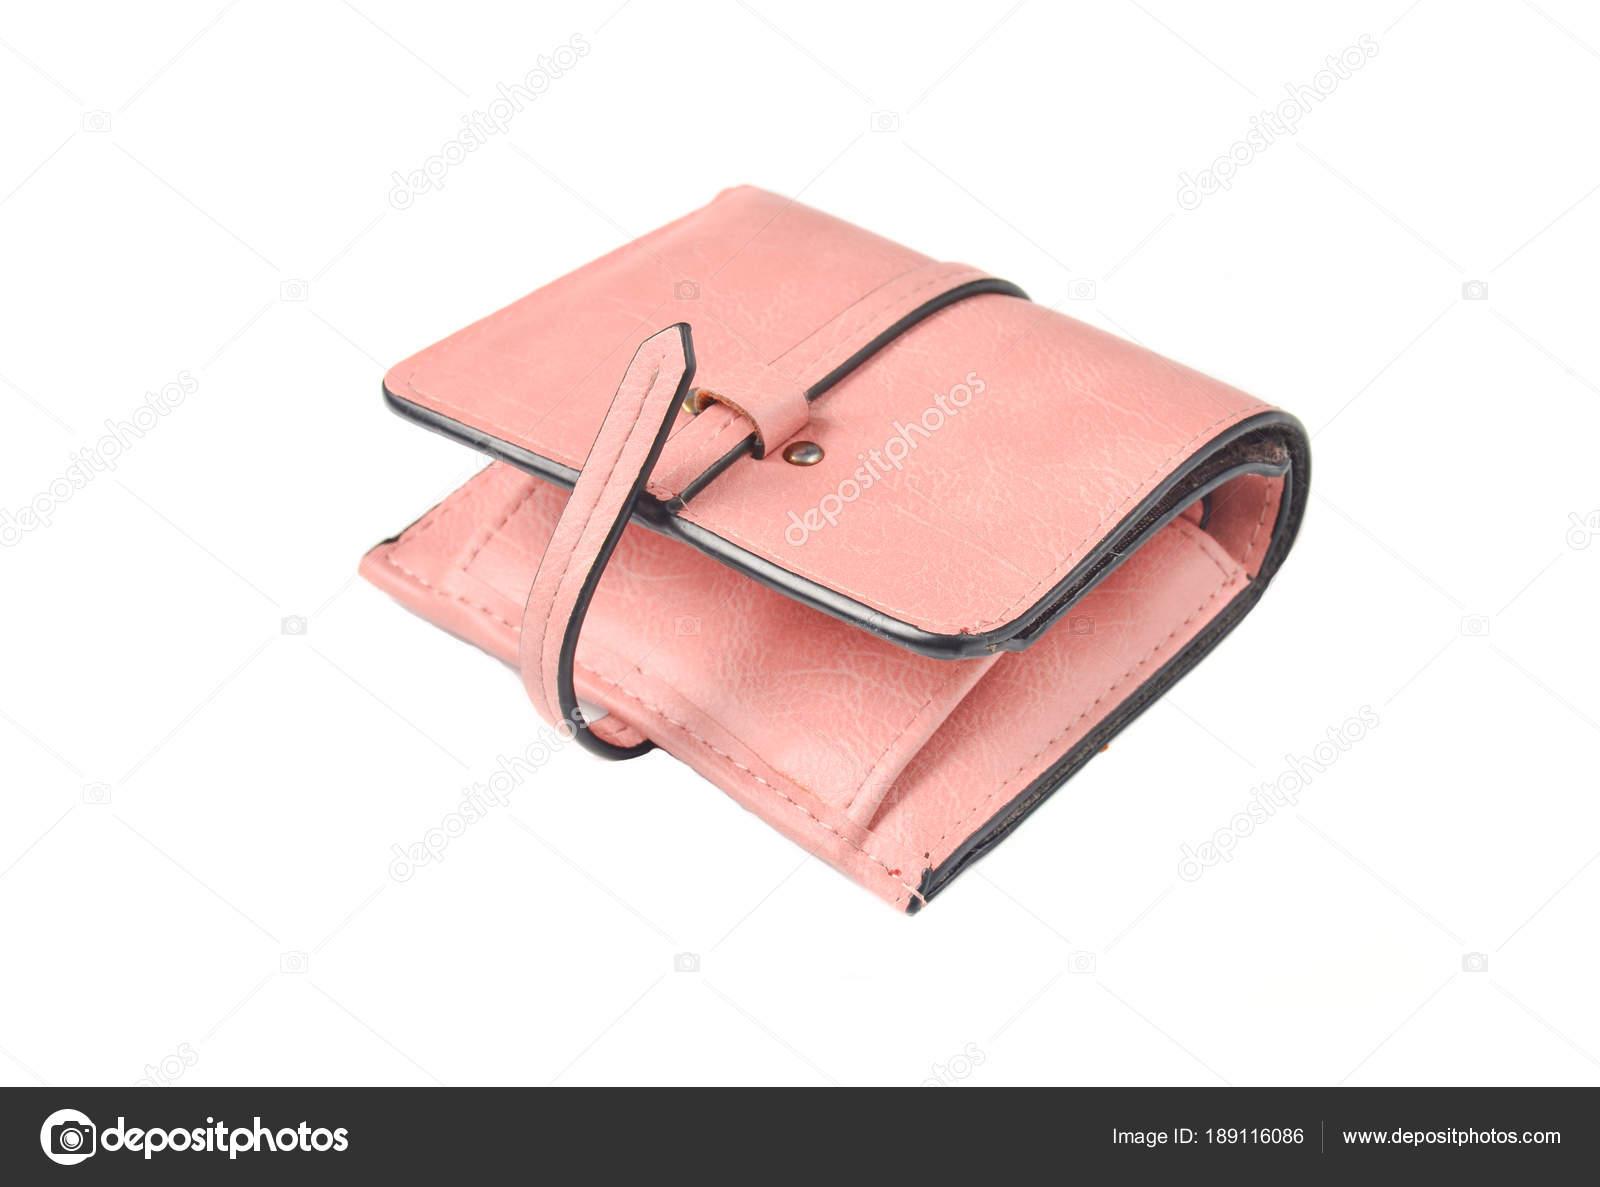 Roze Leren Portemonnee.Vrouwelijke Lederen Portemonnee Pastel Roze Kleur Geisoleerd Op